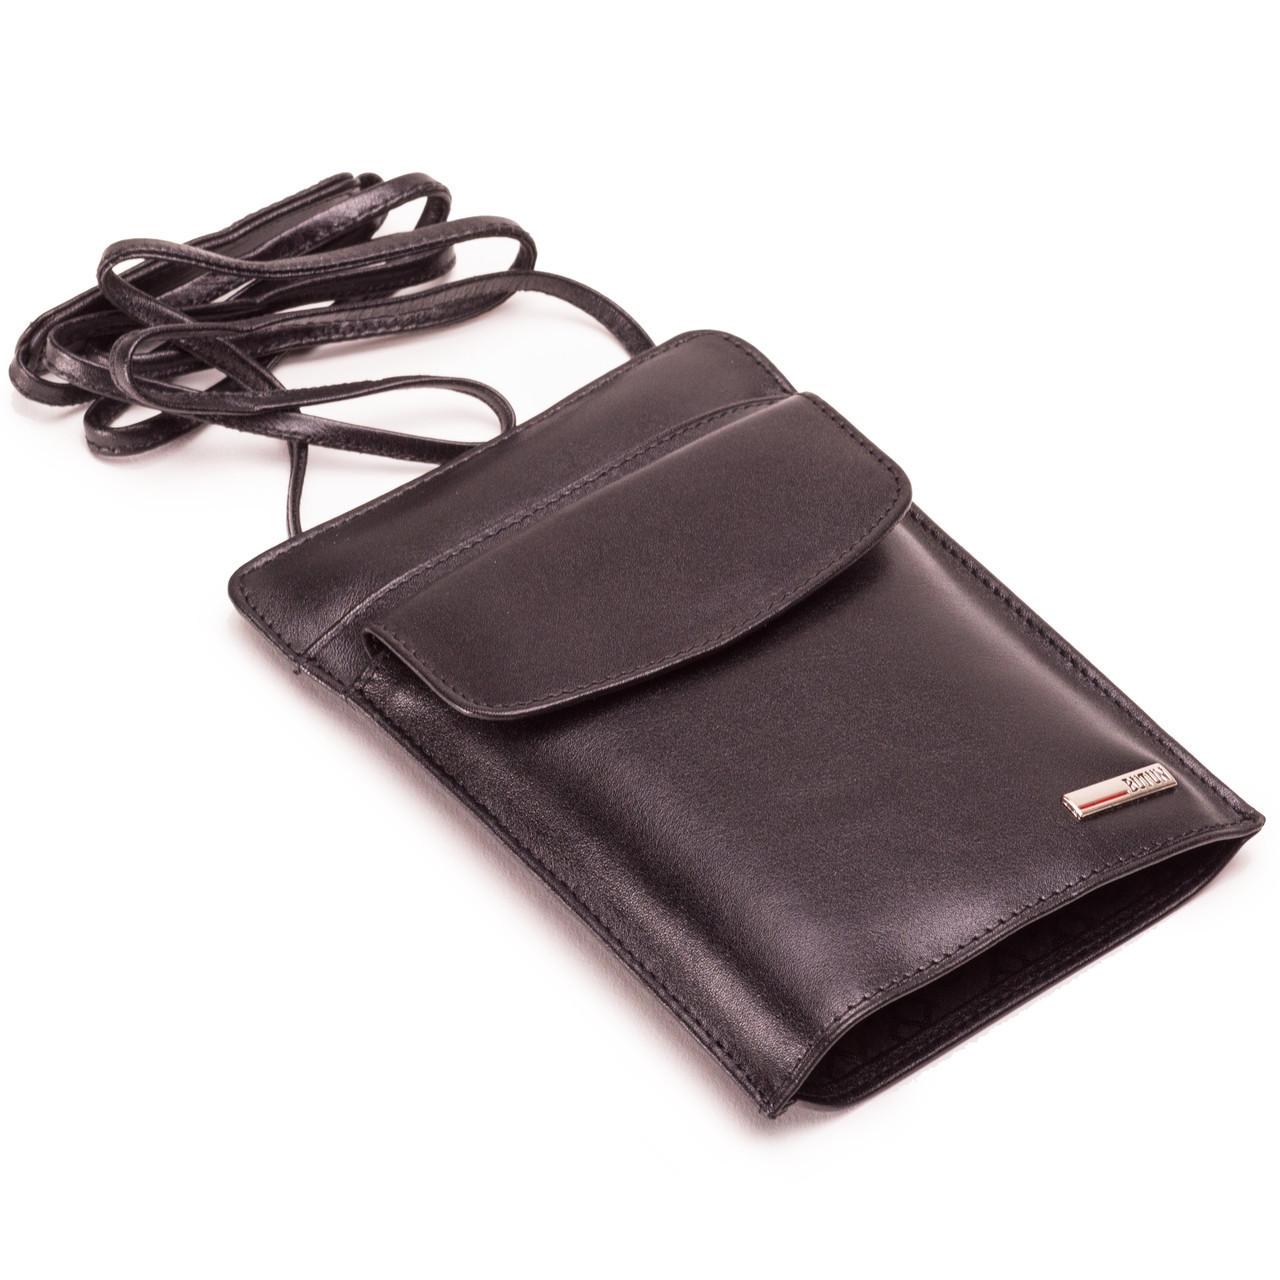 Мужской кожаный кошелек сумка на шею BUTUN 190-024-001